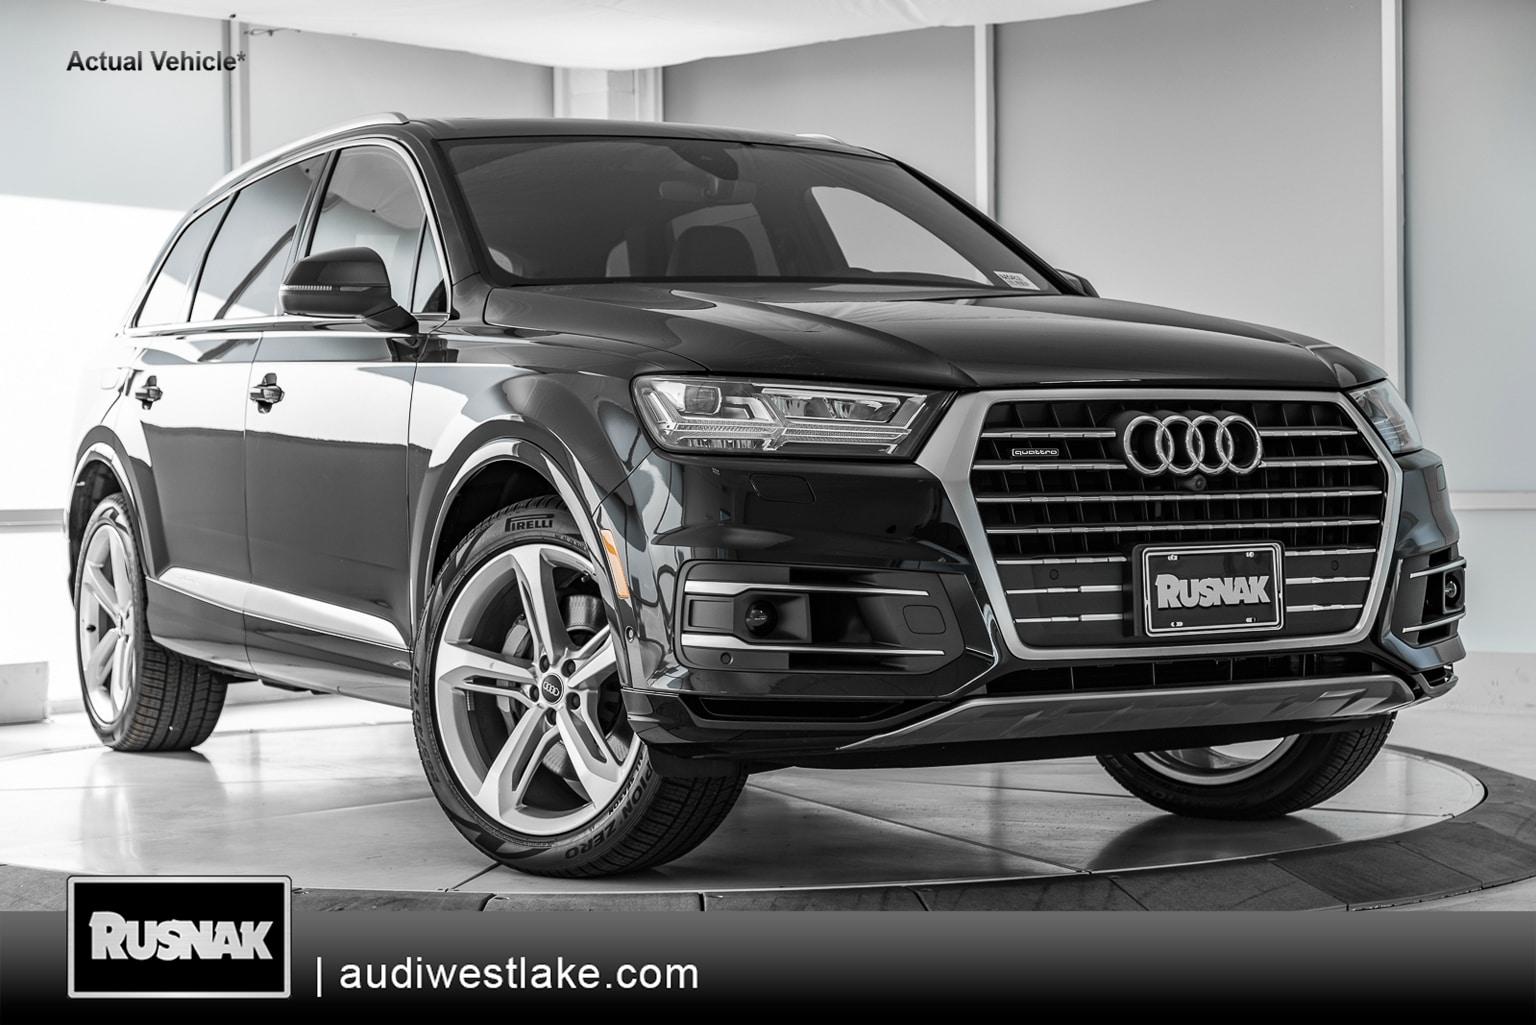 New 2019 Audi Q7 3.0T Prestige SUV Near Los Angeles